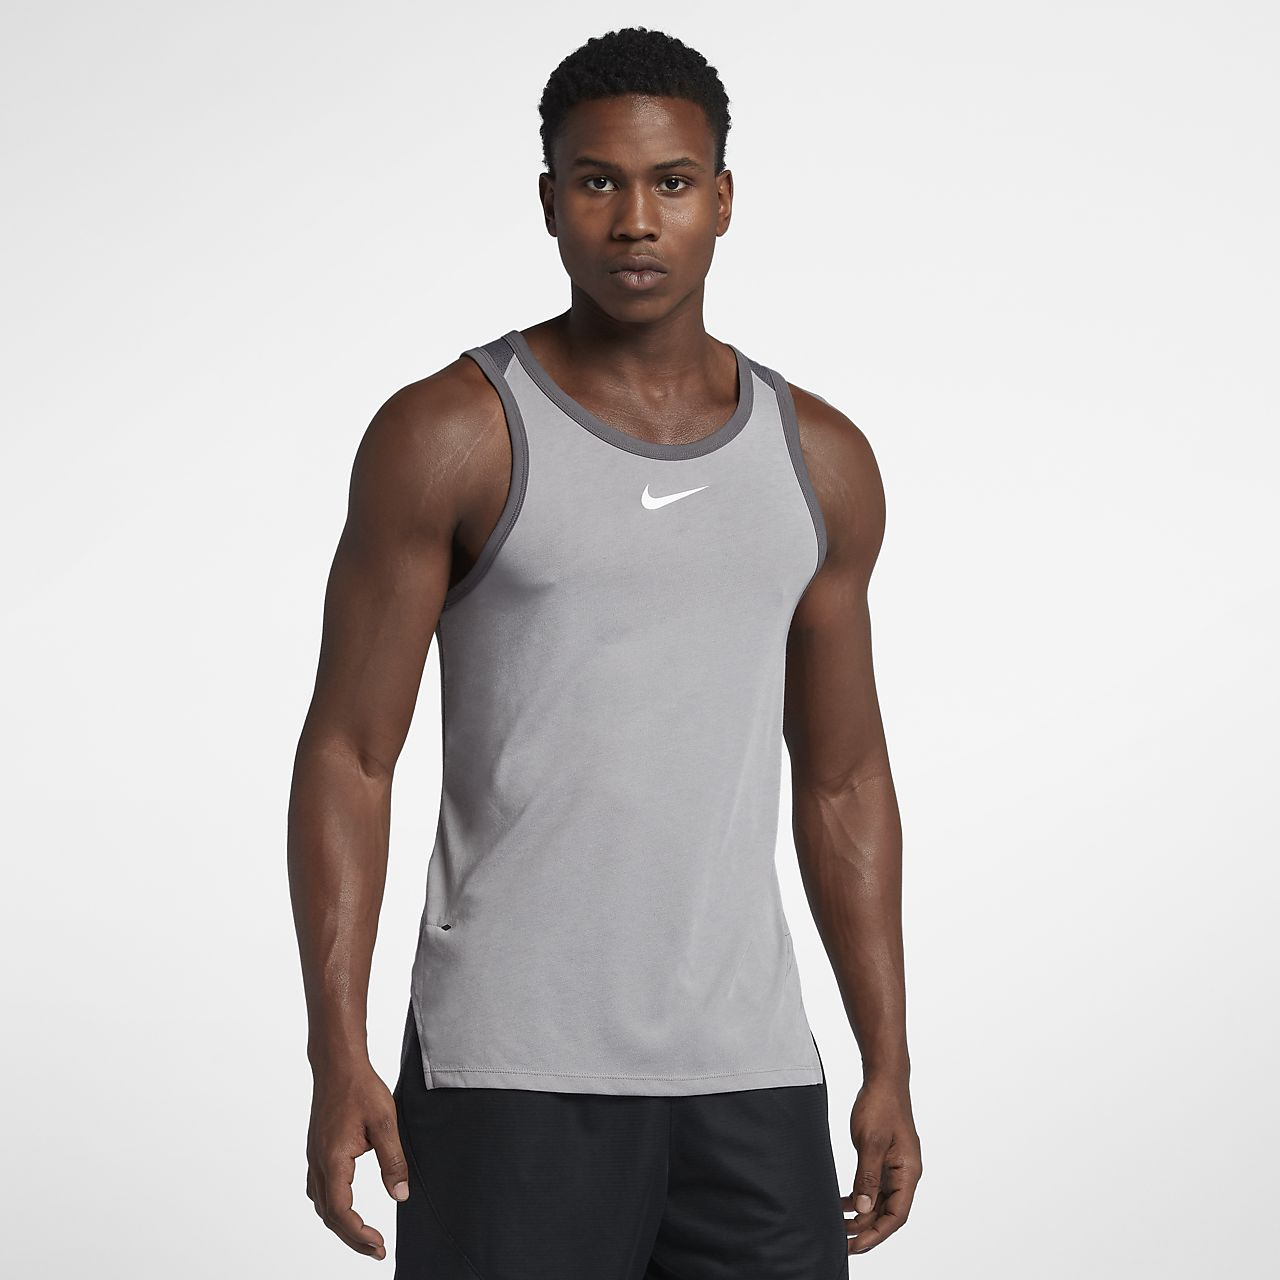 Ανδρική αμάνικη μπλούζα μπάσκετ Nike Breathe Elite